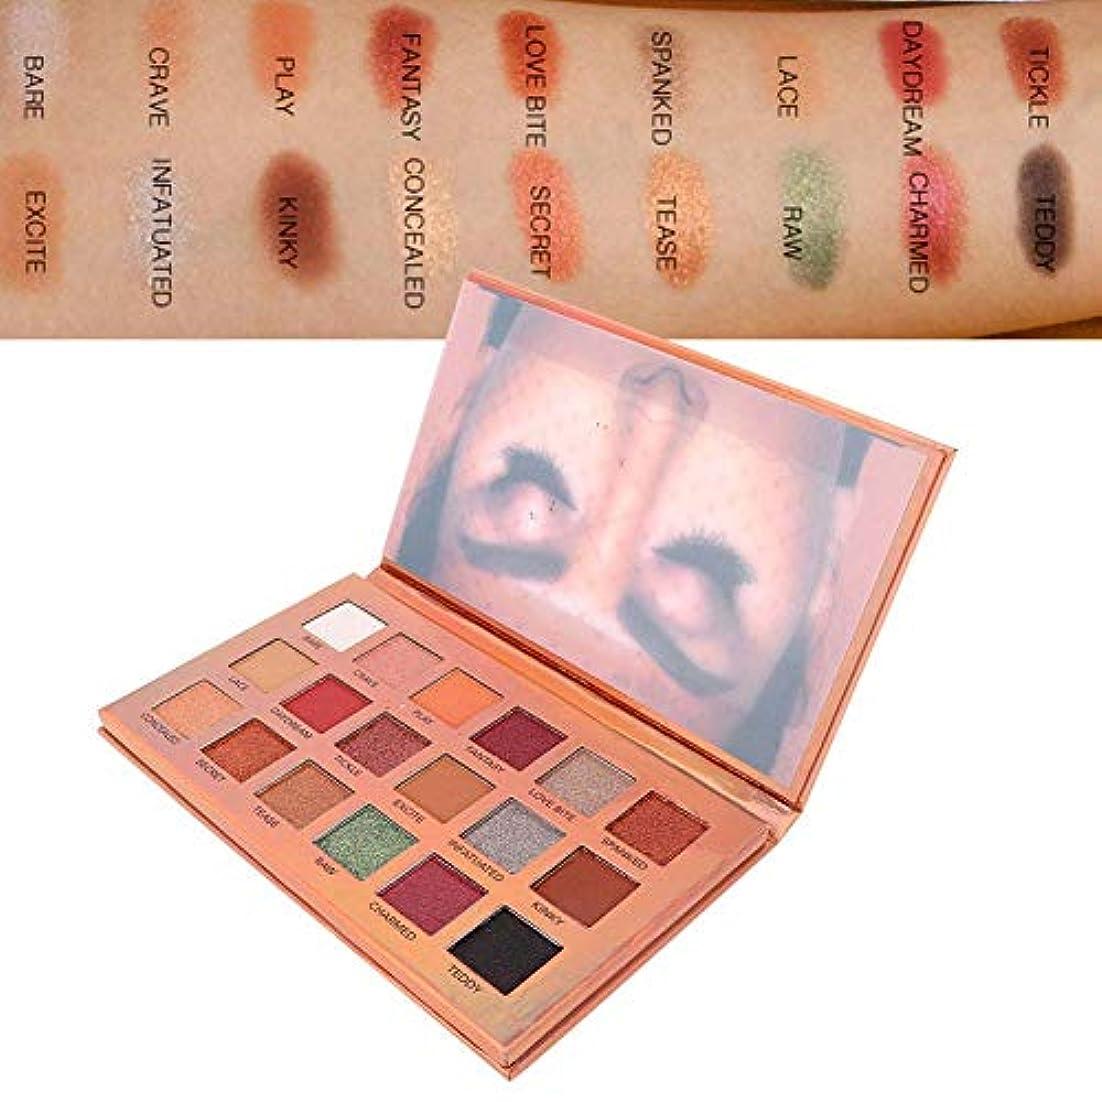 コンパス先住民ヒステリックキラキラアイシャドウ、18色アイシャドウパウダーマットキラキラアイシャドウ顔料化粧品ツール